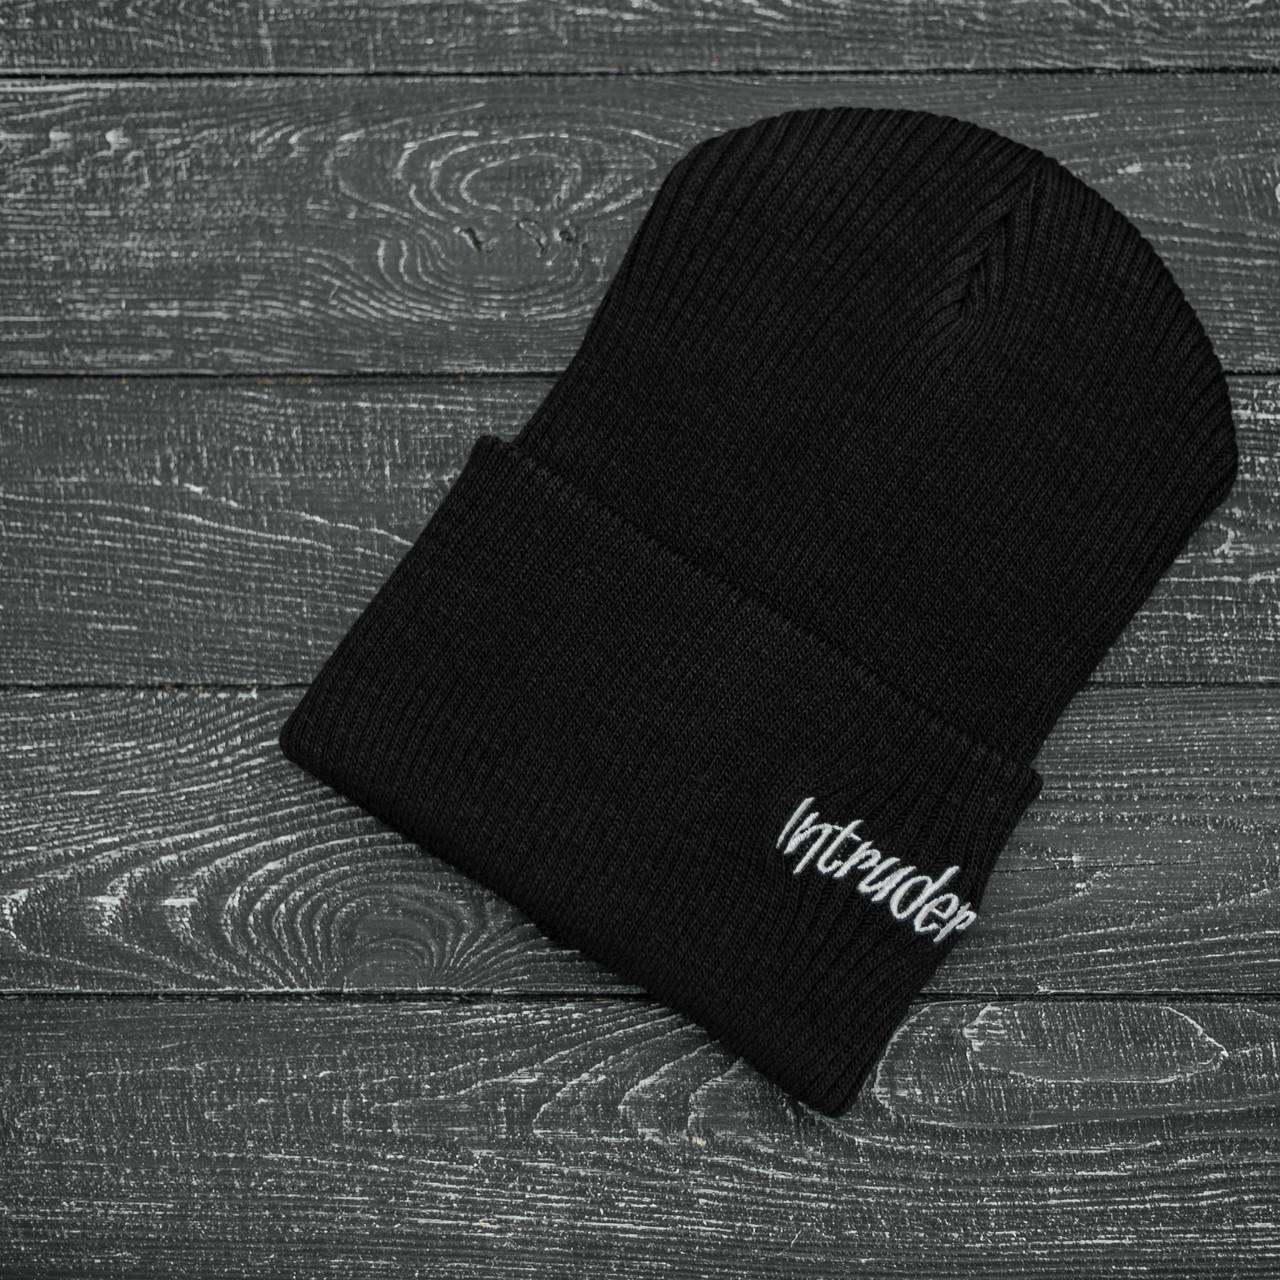 Мужская   Женская шапка Intruder черная, зимняя small logo